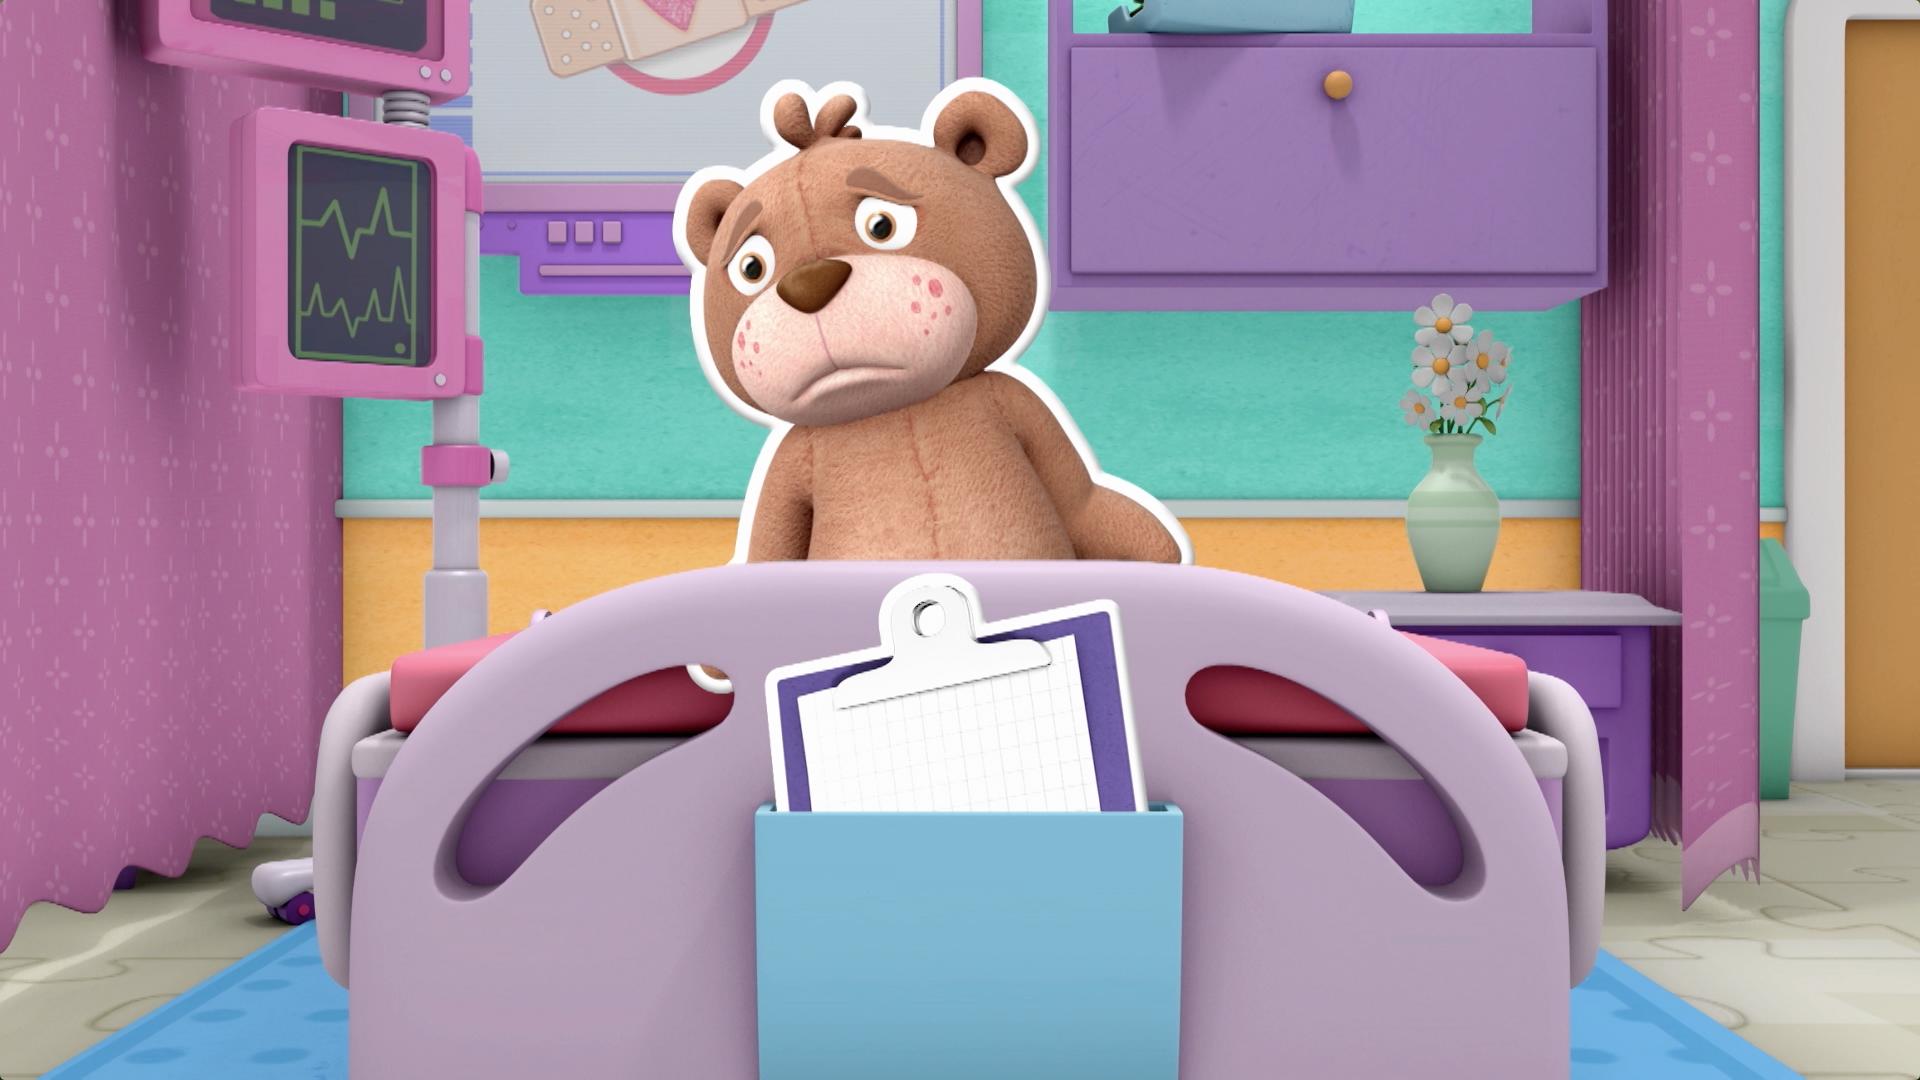 Passeio pelo pronto socorro - Doutora Brinquedos e seu hospital